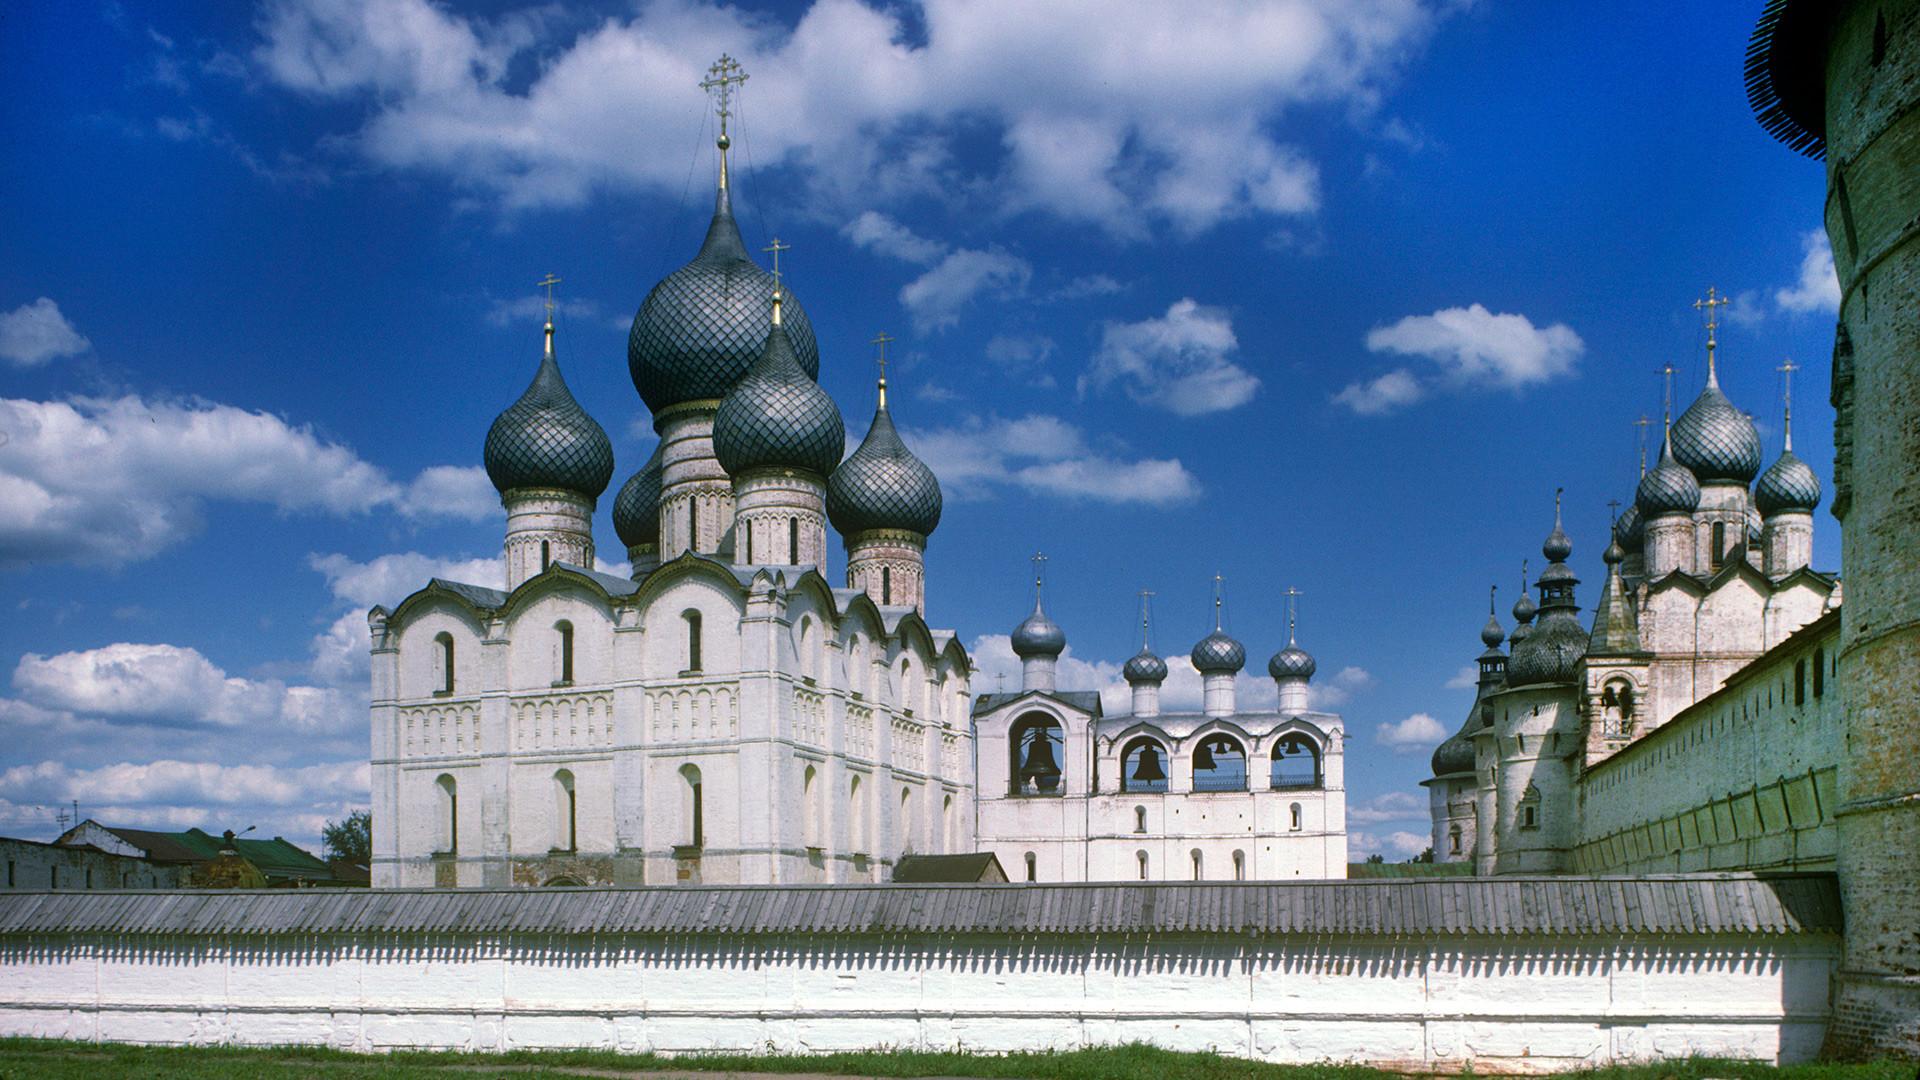 ロストフのクレムリン、西の城壁。左側より、ウスペンスキー聖堂、鐘楼、北側の城壁と塔および復活教会(北門の上方)。以上は西側の景観。1995年6月28日。